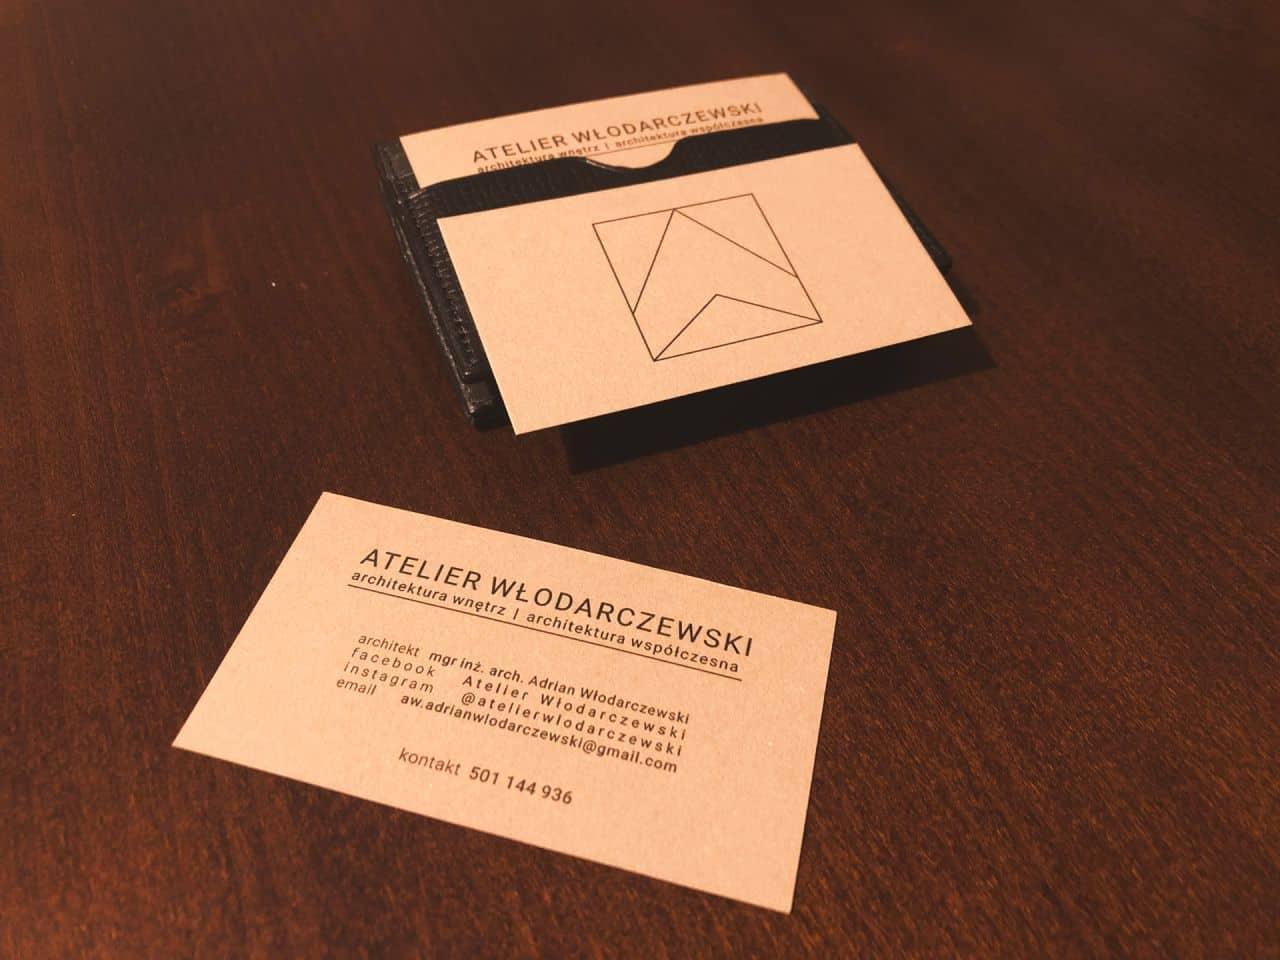 wizytówki dla firmy Atelier Włodarczewski